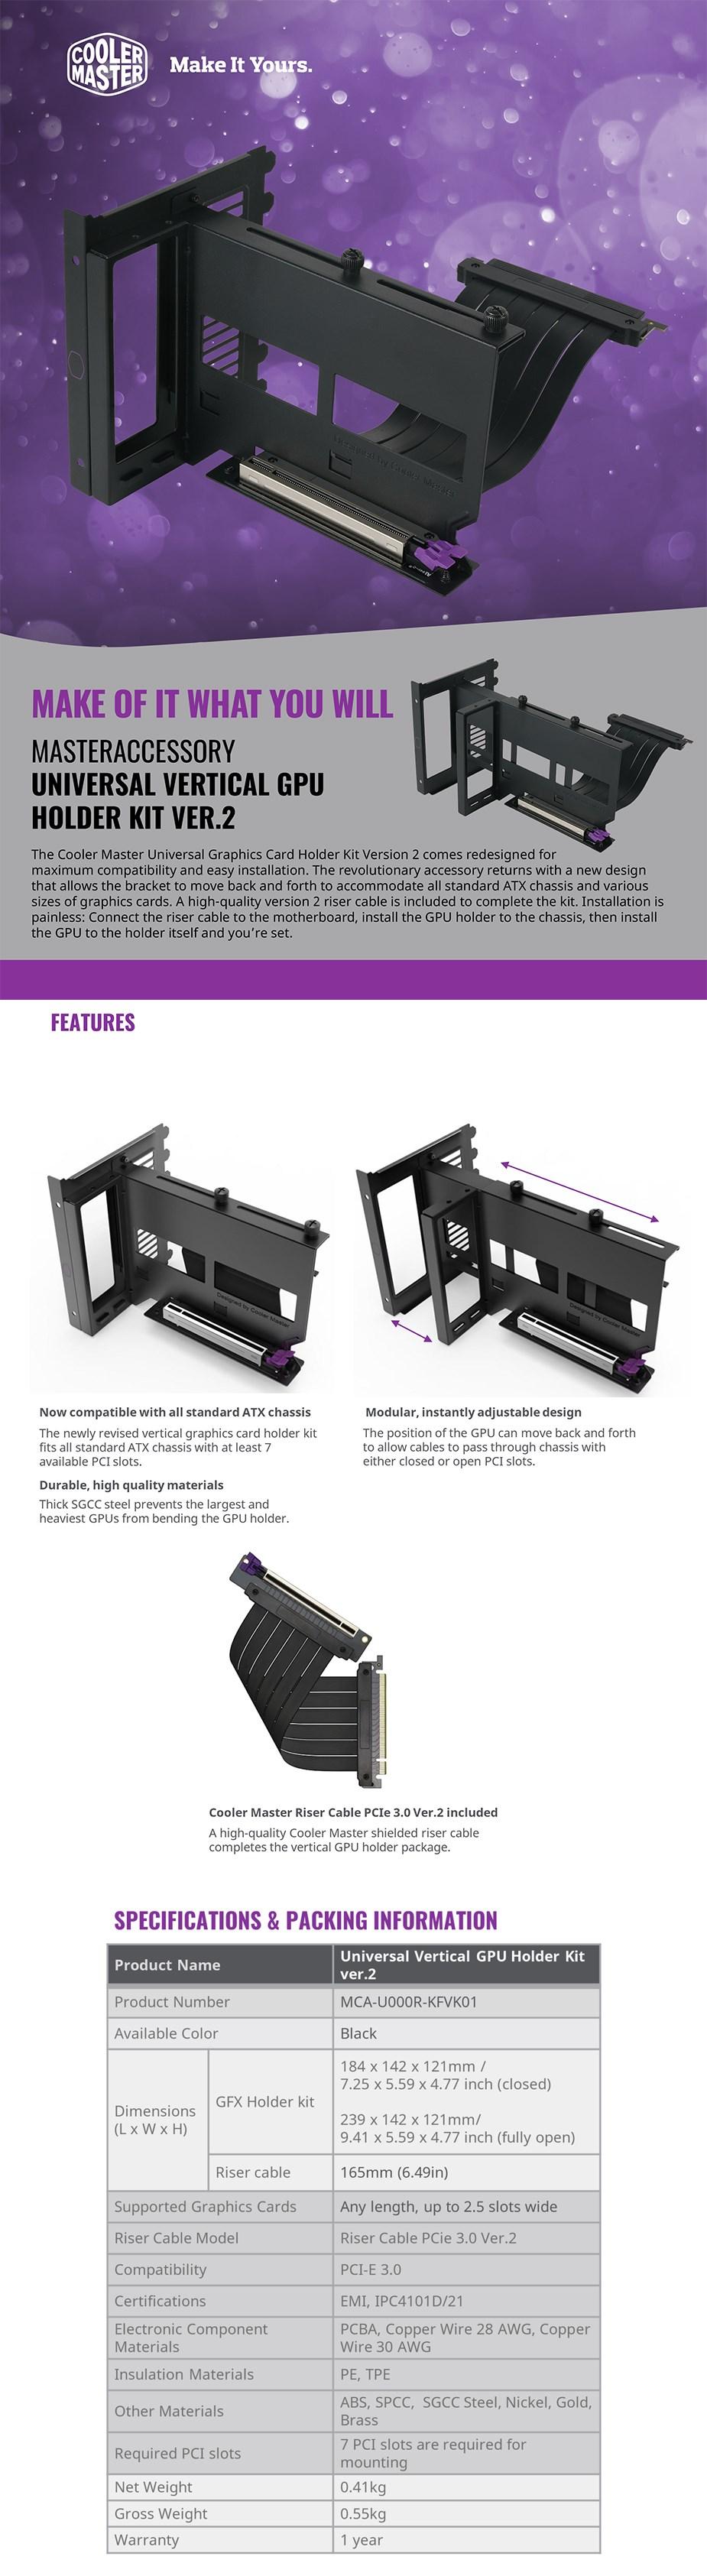 cooler-master-universal-afvertical-graphics-card-holder-kit-v2-with-riser-cable-ac35746-2.jpg